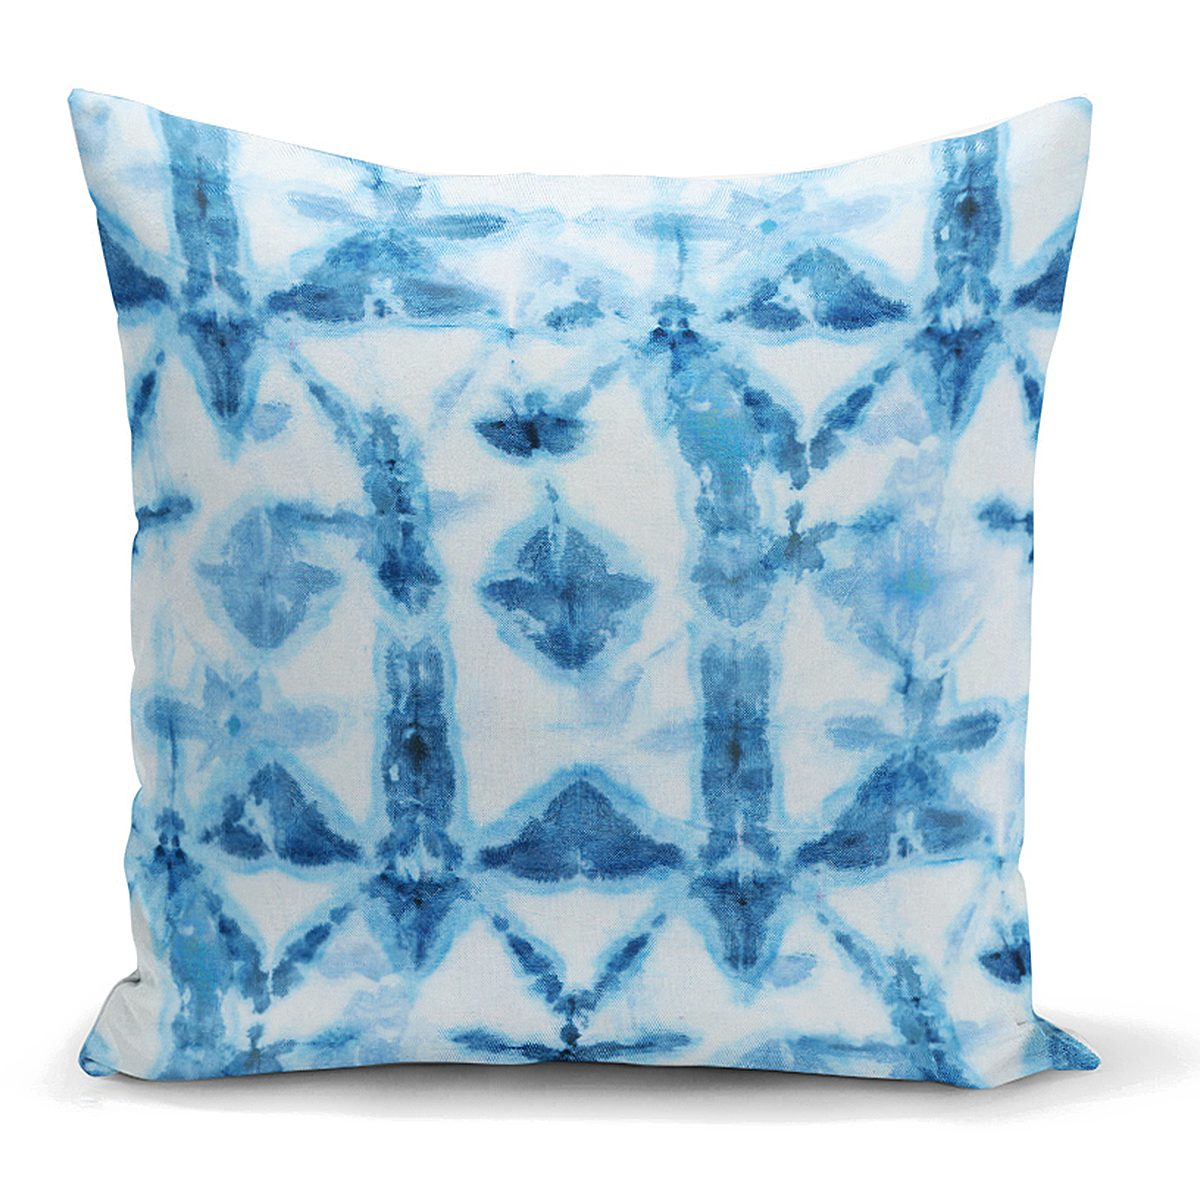 Mavi Kar Tanesi Desenli Dijital Baskılı Dekoratif Yastık Kılıfı Realhomes